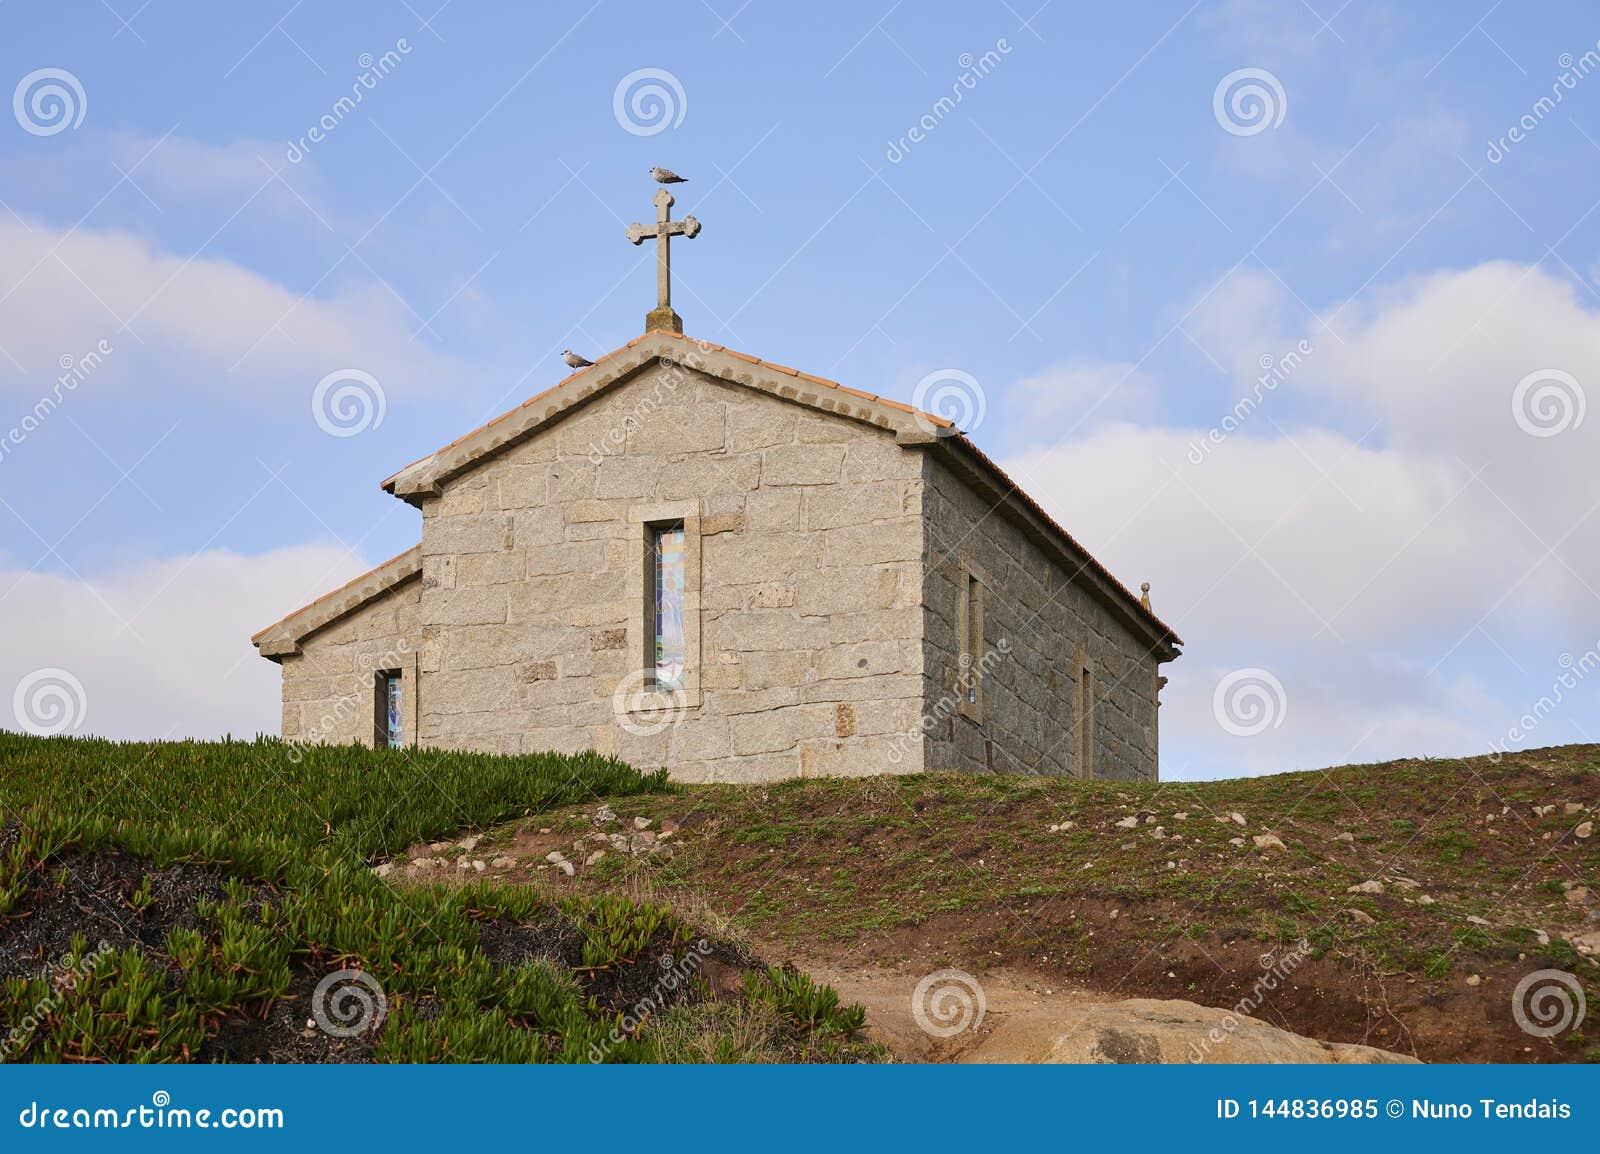 Kerk over de heuvel tegen een blauwe hemel